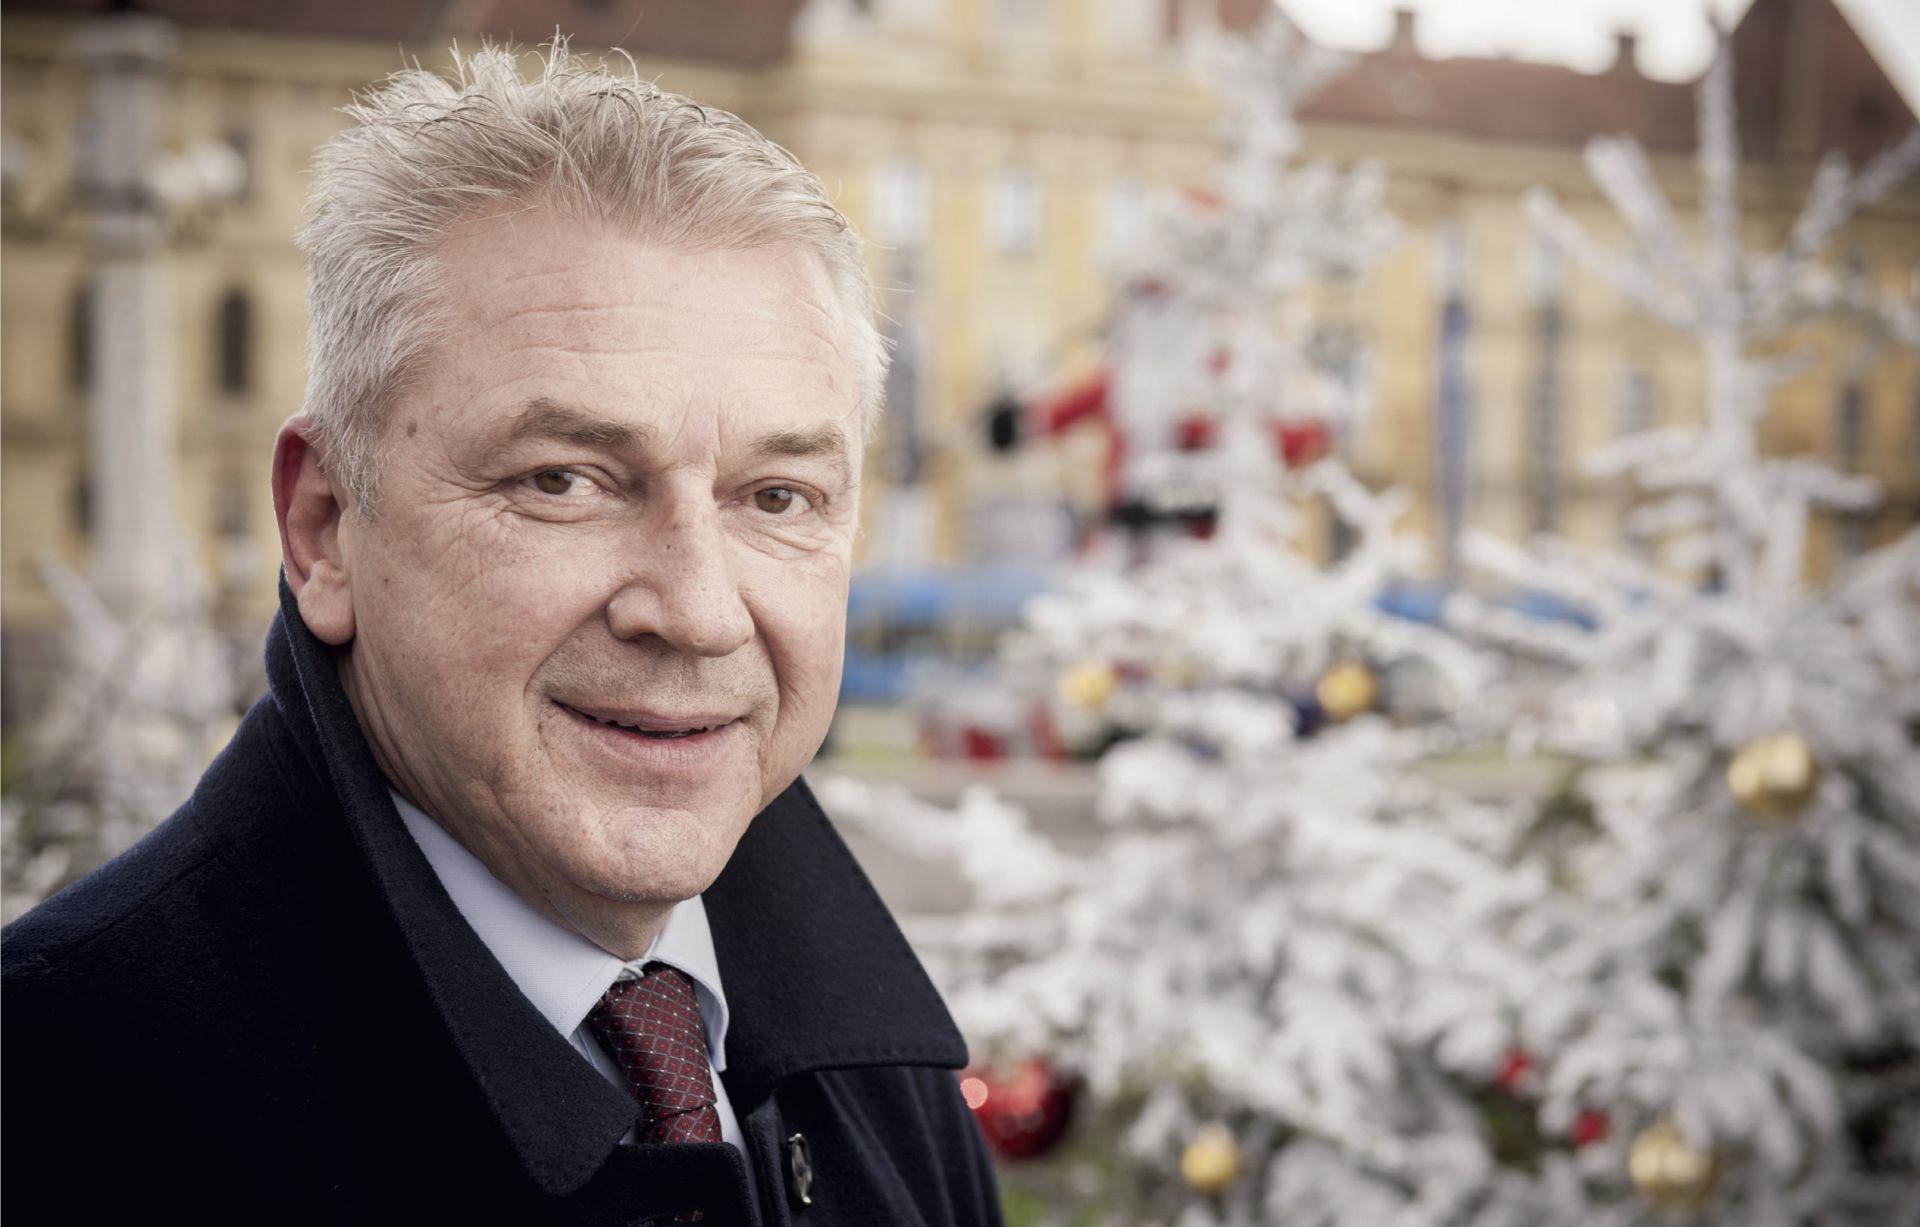 INTERVIEW: RANKO OSTOJIĆ 'Plenković se zbog manjka hrabrosti odlučio prilagođavati POPULISTIČKOJ HISTERIJI'